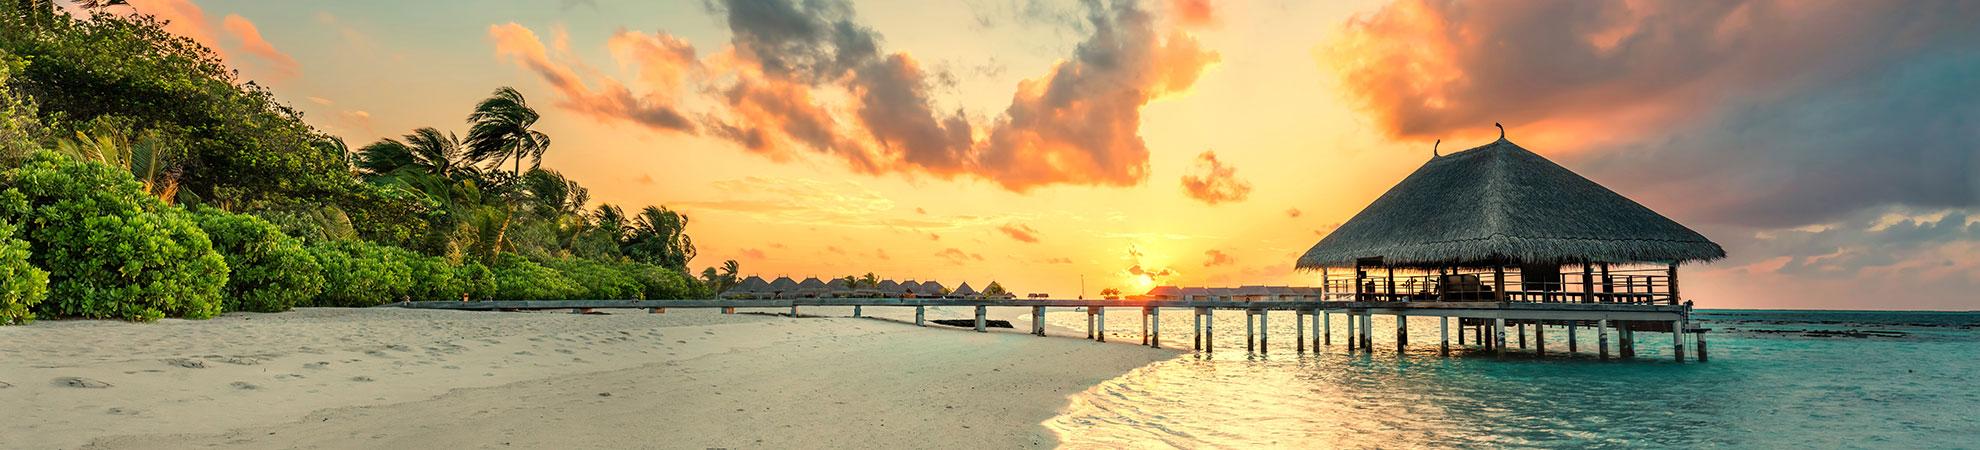 Quand partir aux Maldives ?